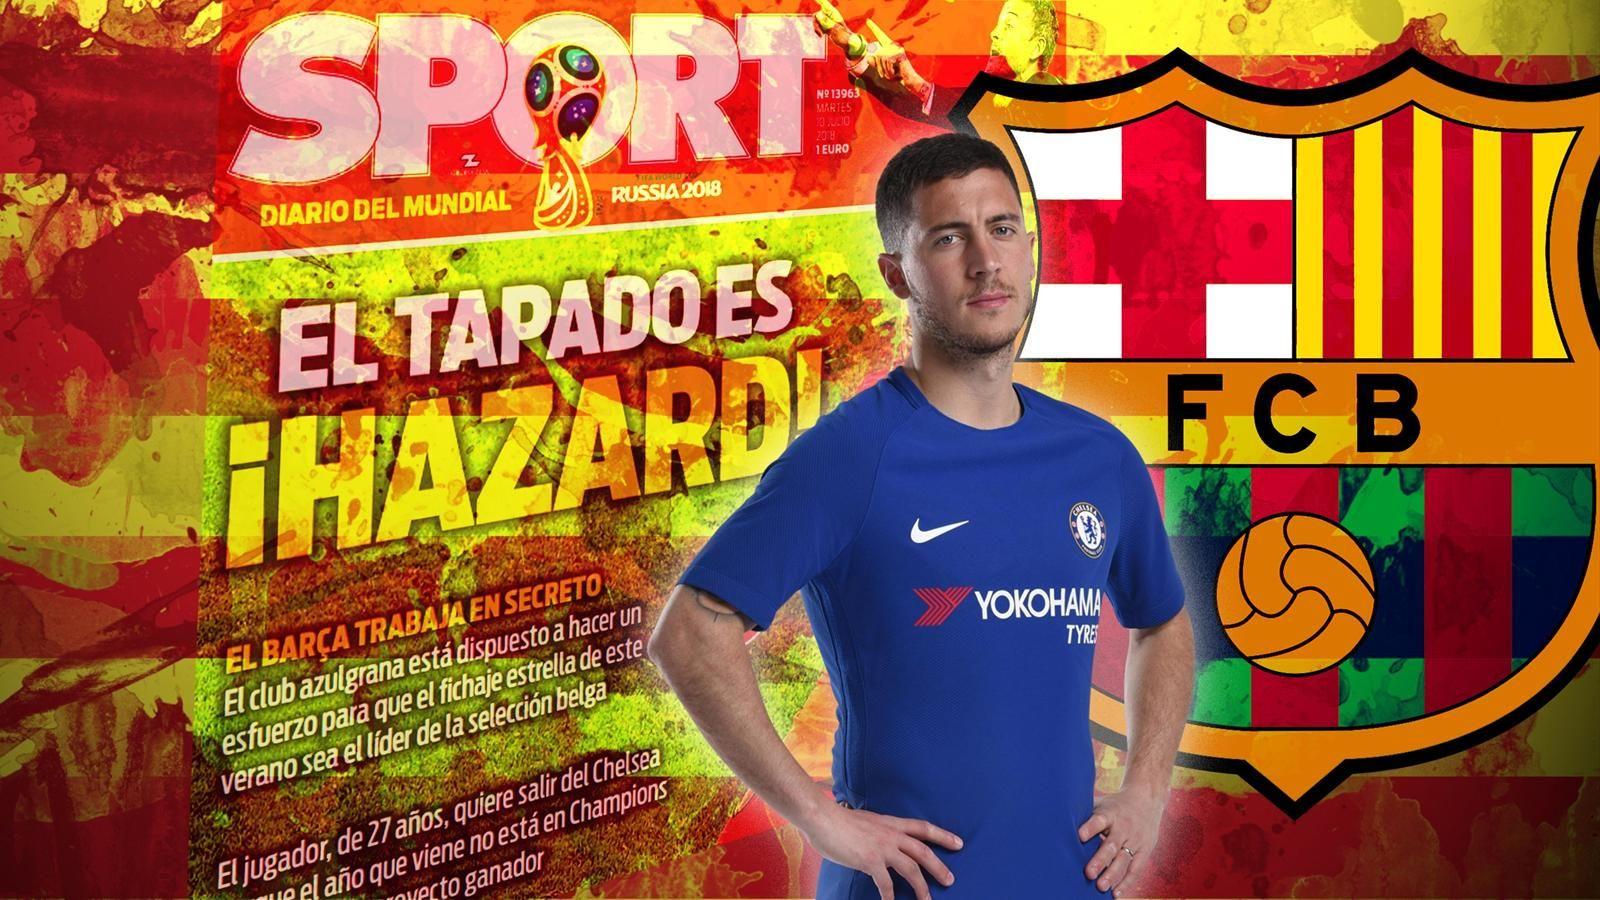 Barca sẵn sàng gửi lời đề nghị 100 triệu euro đến Chelsea - Bóng Đá